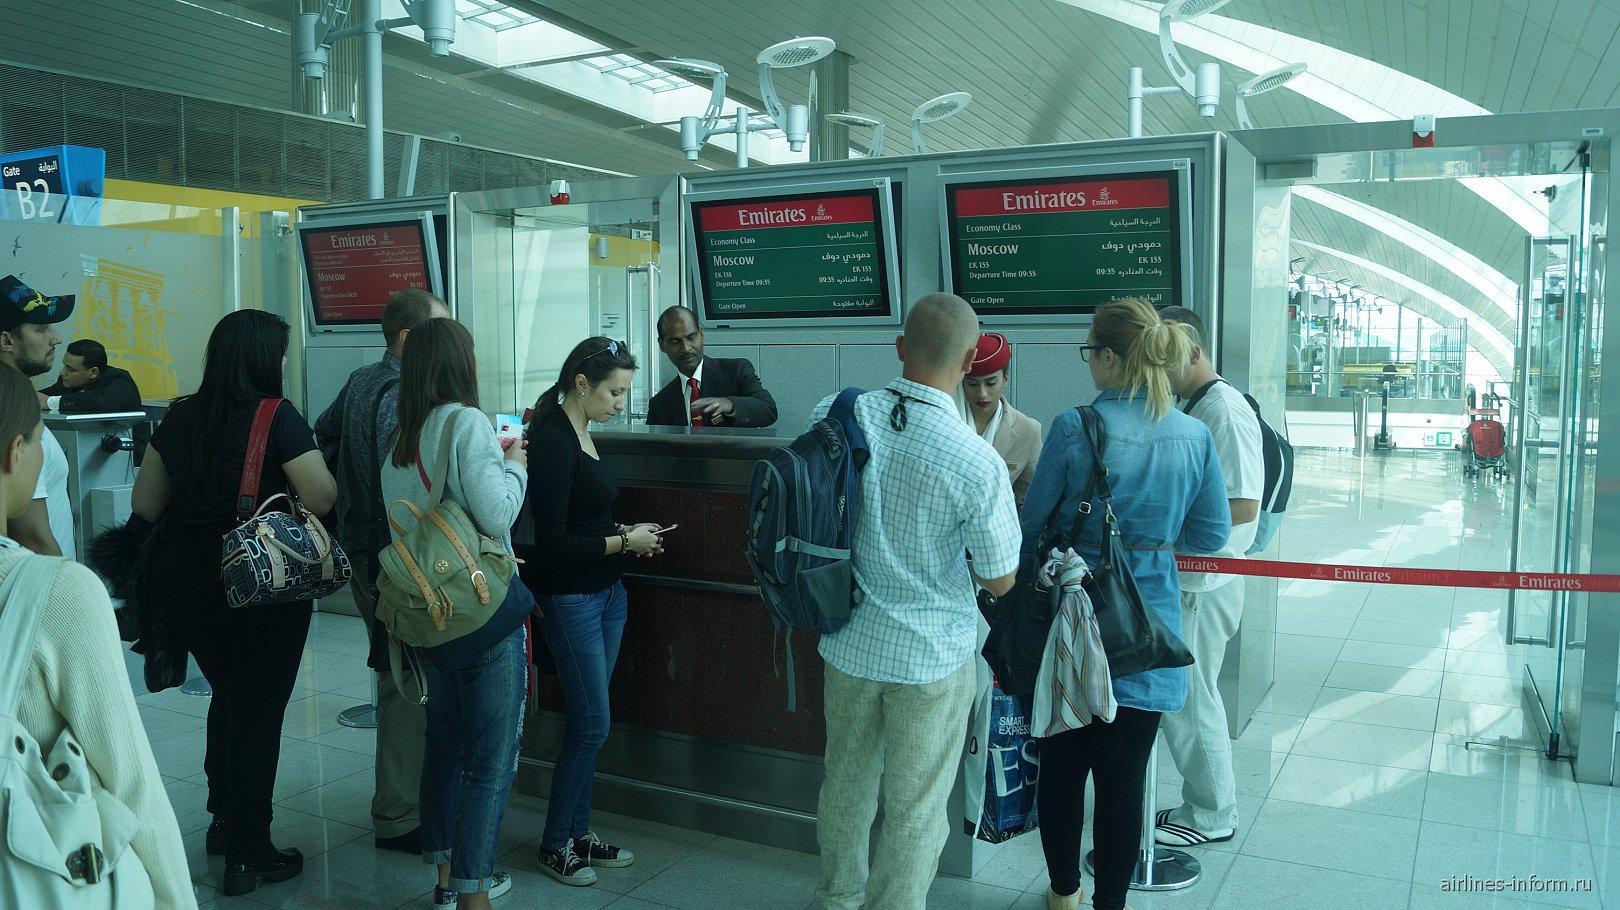 Посадка на рейс авиакомпании Emirates в аэропорту Дубай